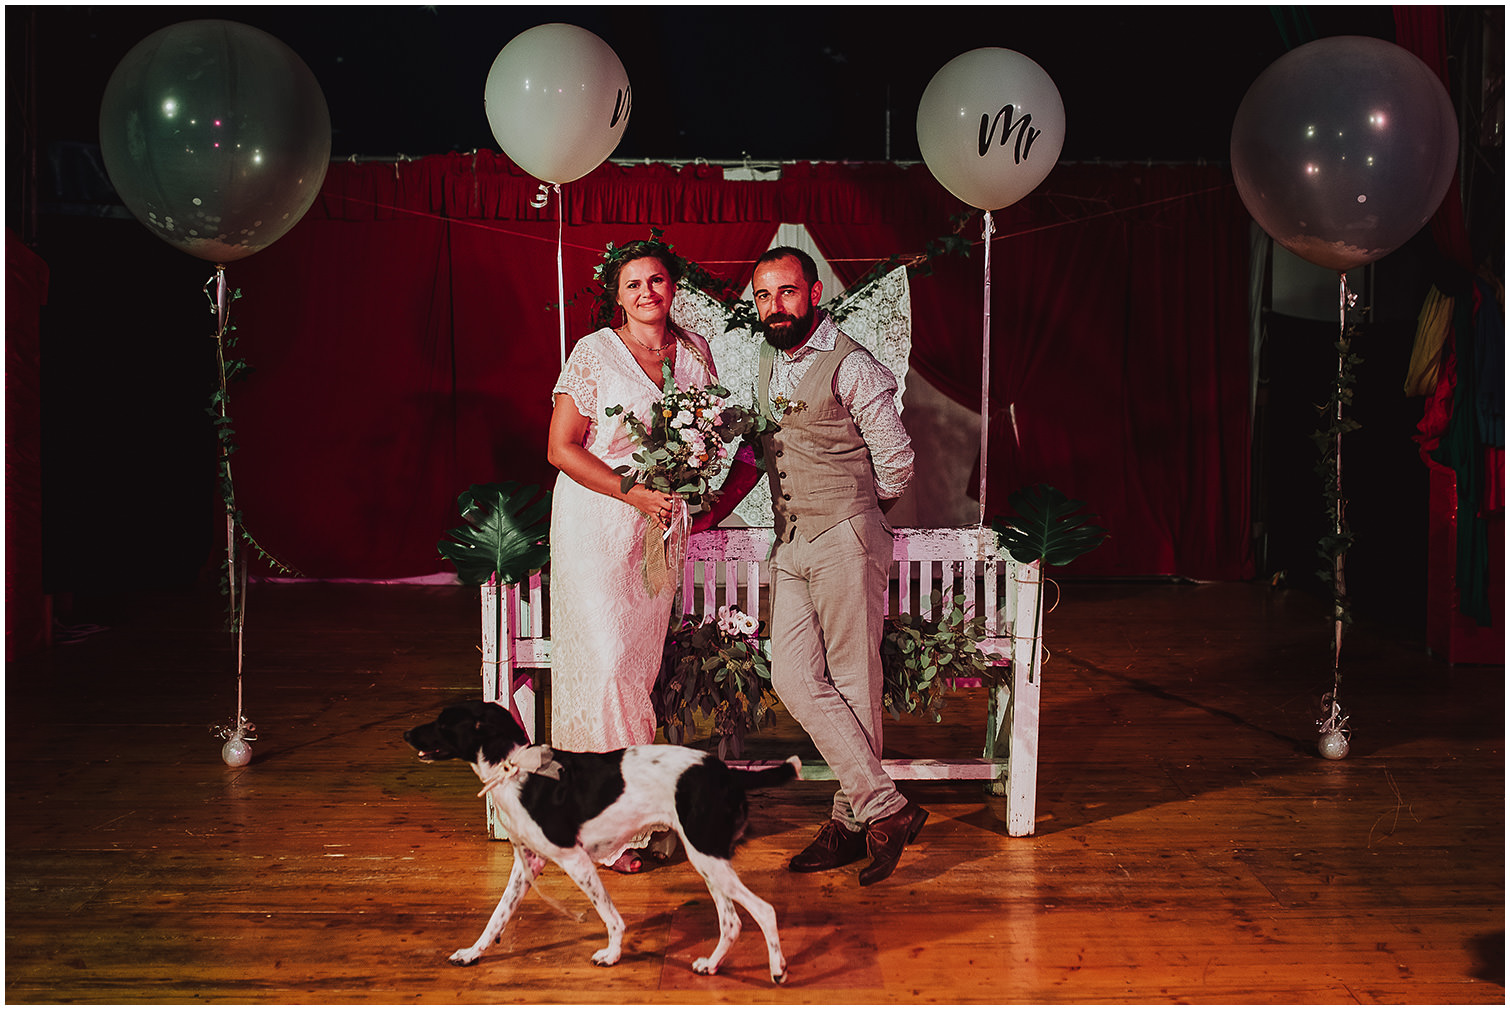 CLARA-RICCARDO-MATRIMONIO-CIRCO-VOLAVOILA-ROMA-SARA-LORENZONI-WEDDING-PHOTOGRAPHY-102